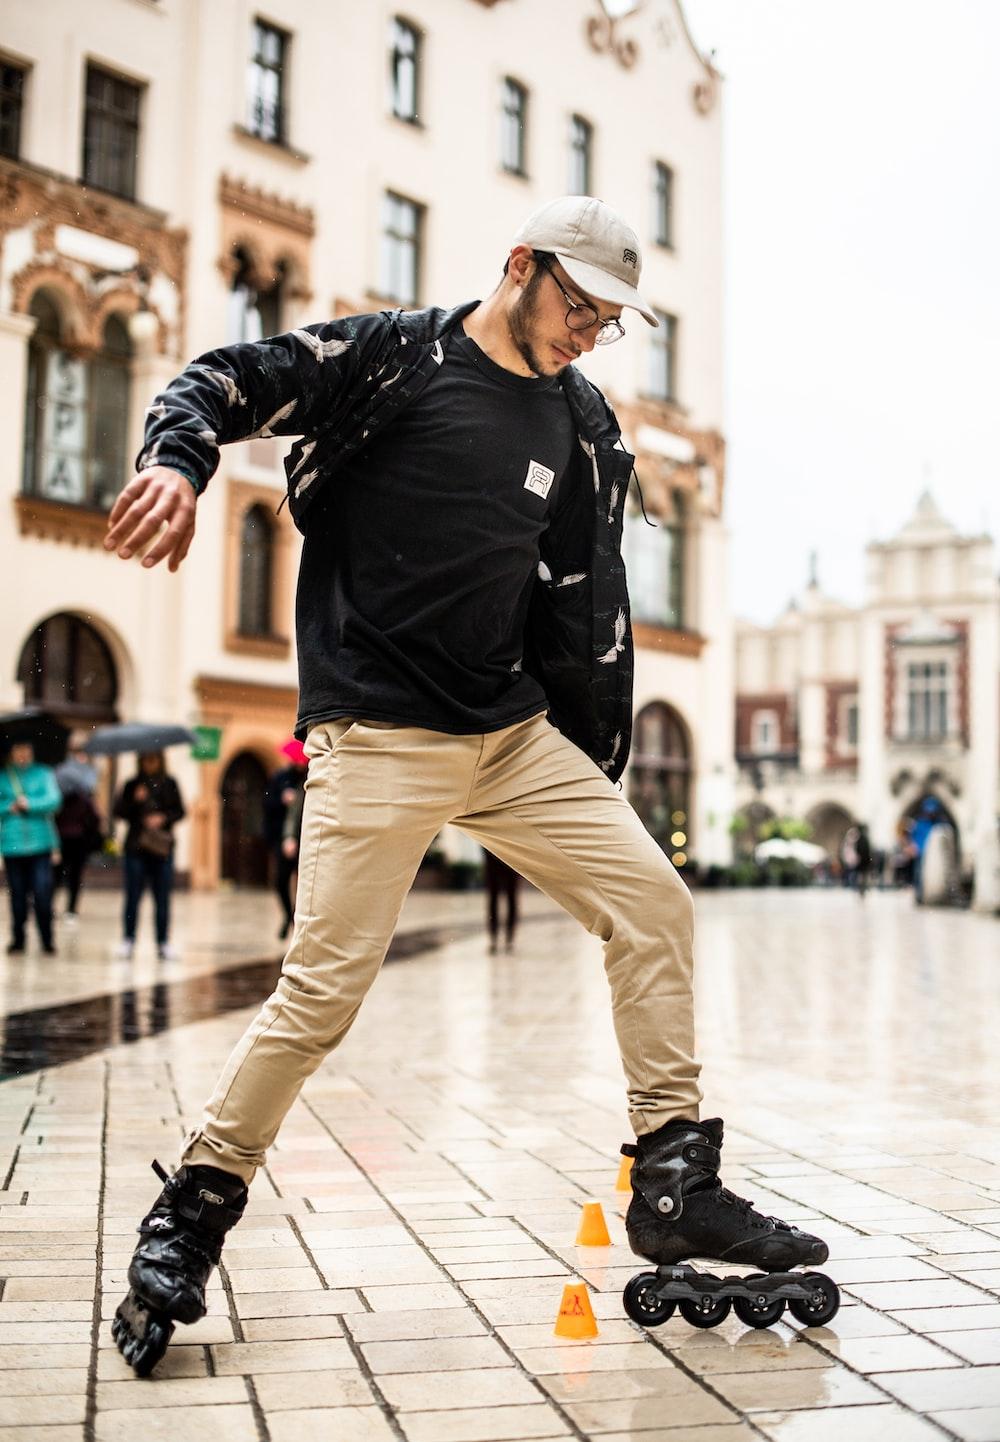 man in black jacket and brown pants wearing brown cowboy hat walking on white floor tiles